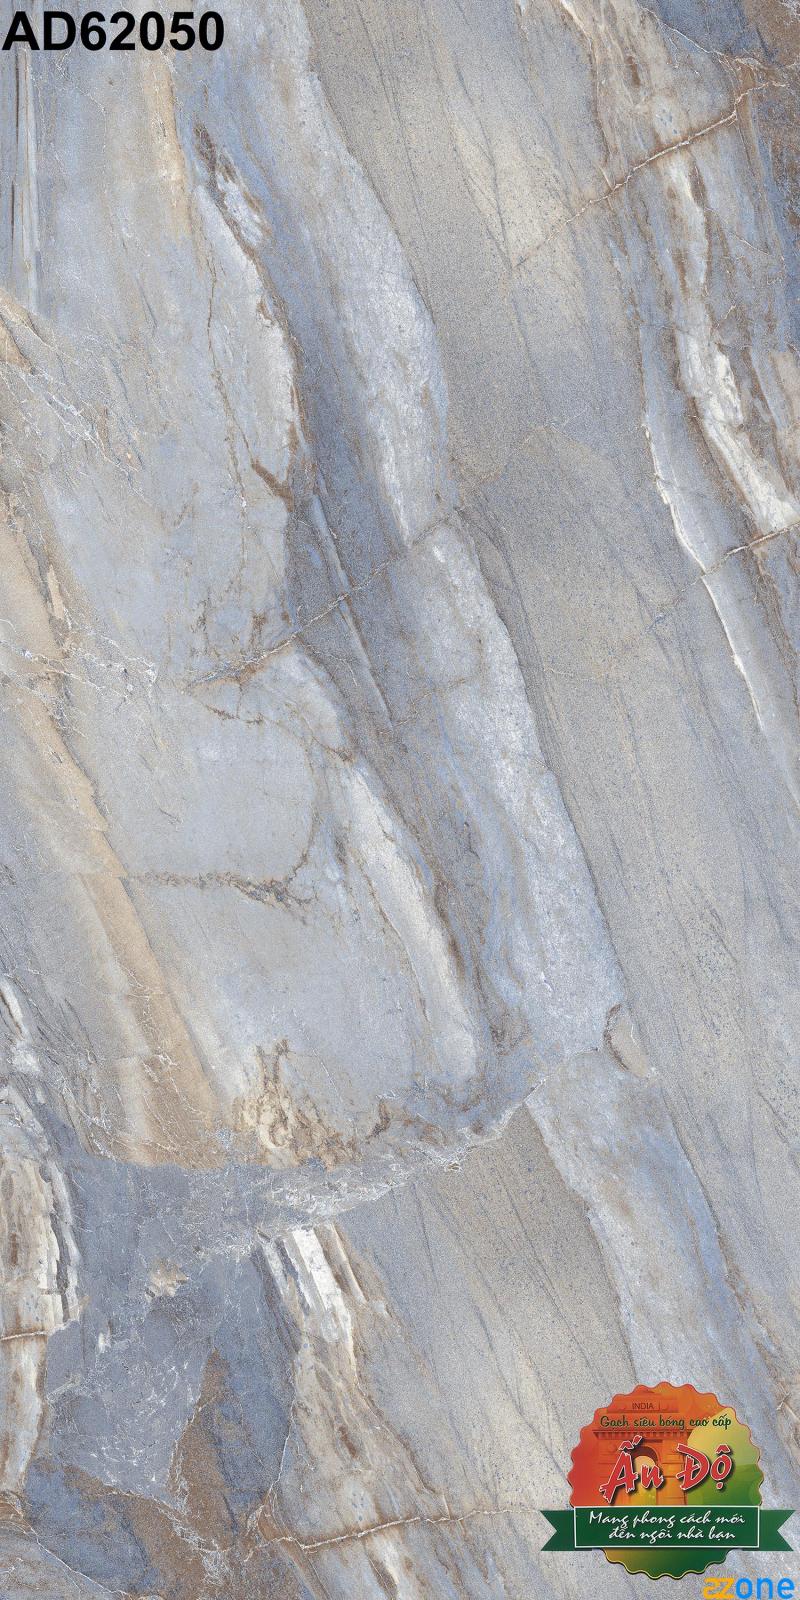 Gạch Ấn Độ 600x1200mm AD62050